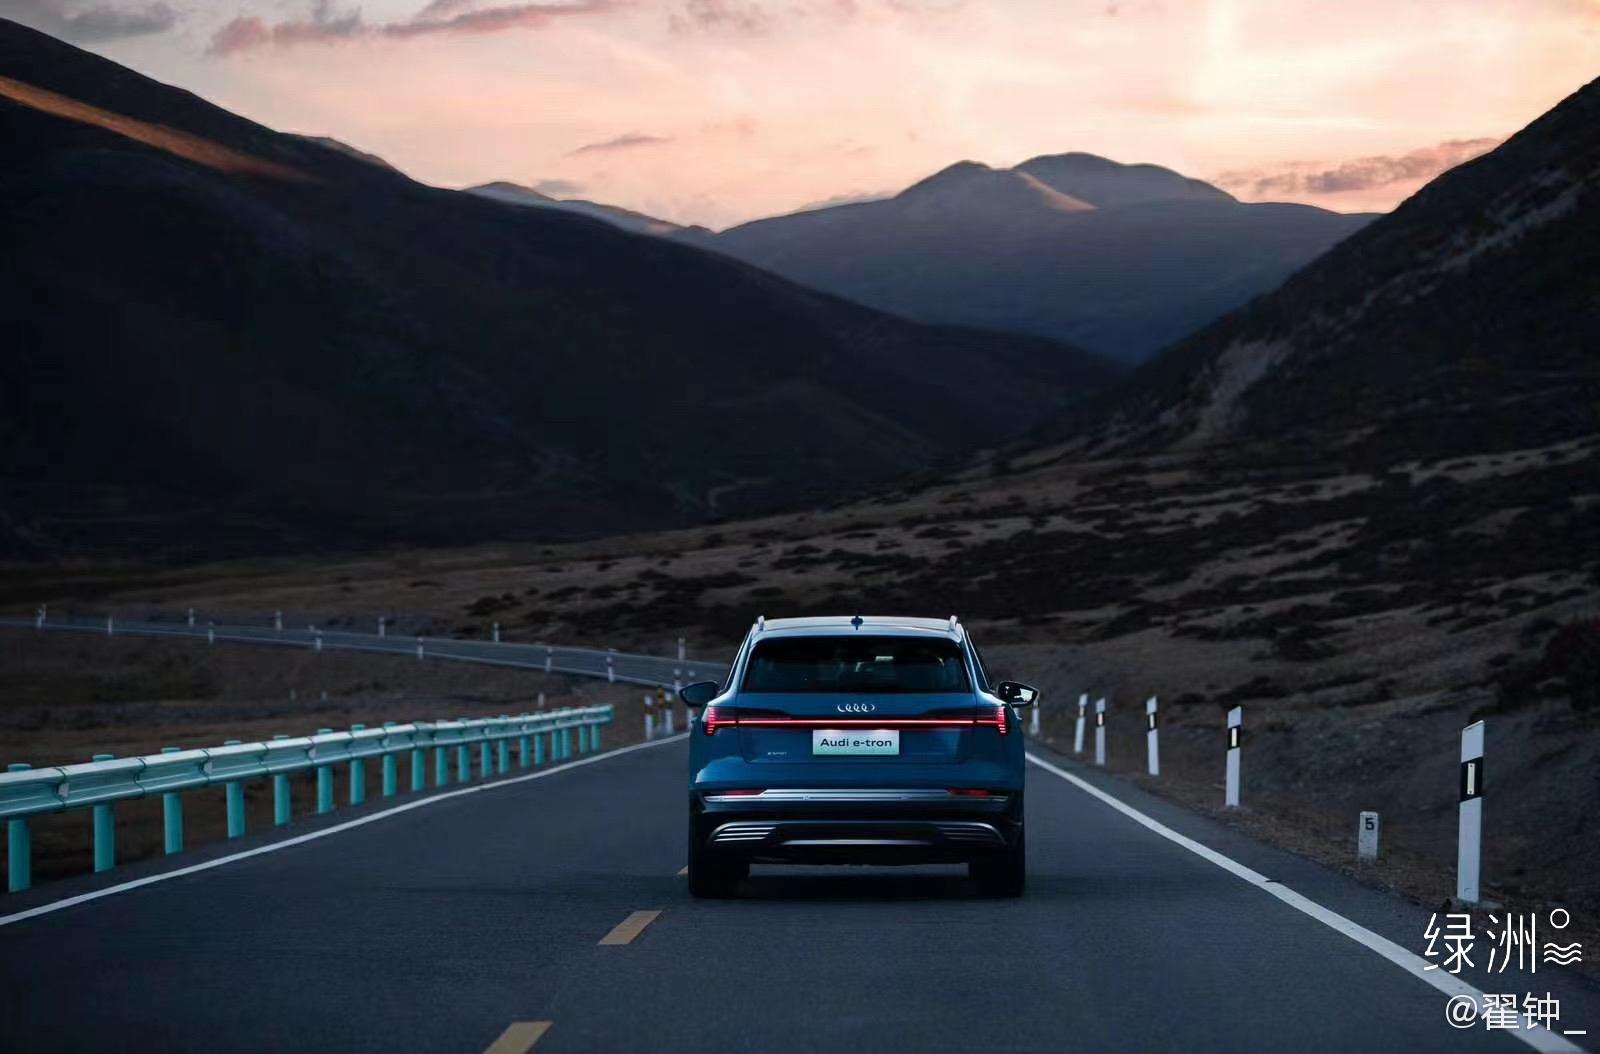 纯洁的灵魂🌈 Audi e-tron 在亚丁,纯电的纯洁…